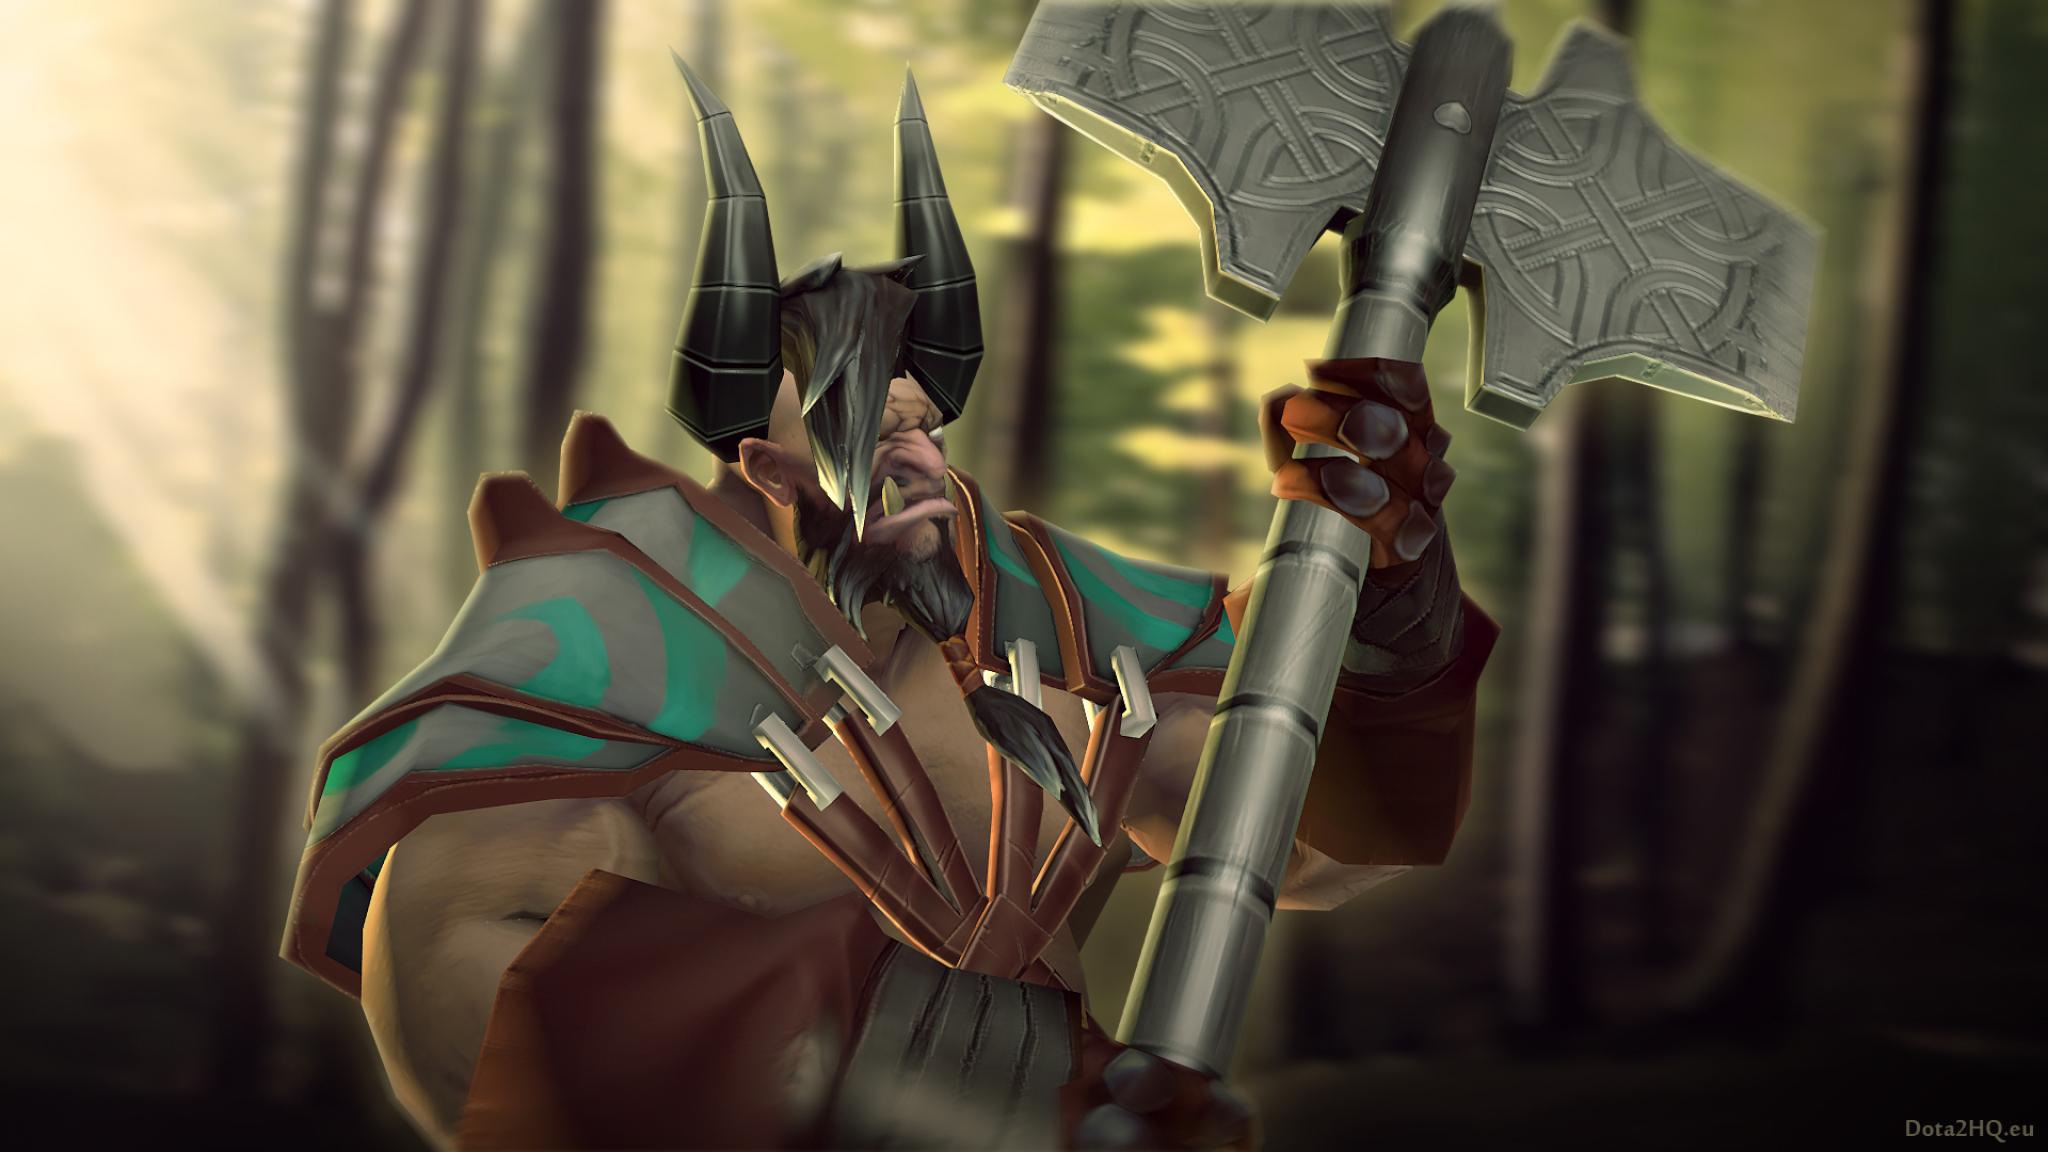 centaur of the highlands centaur warrunner dota 2 full